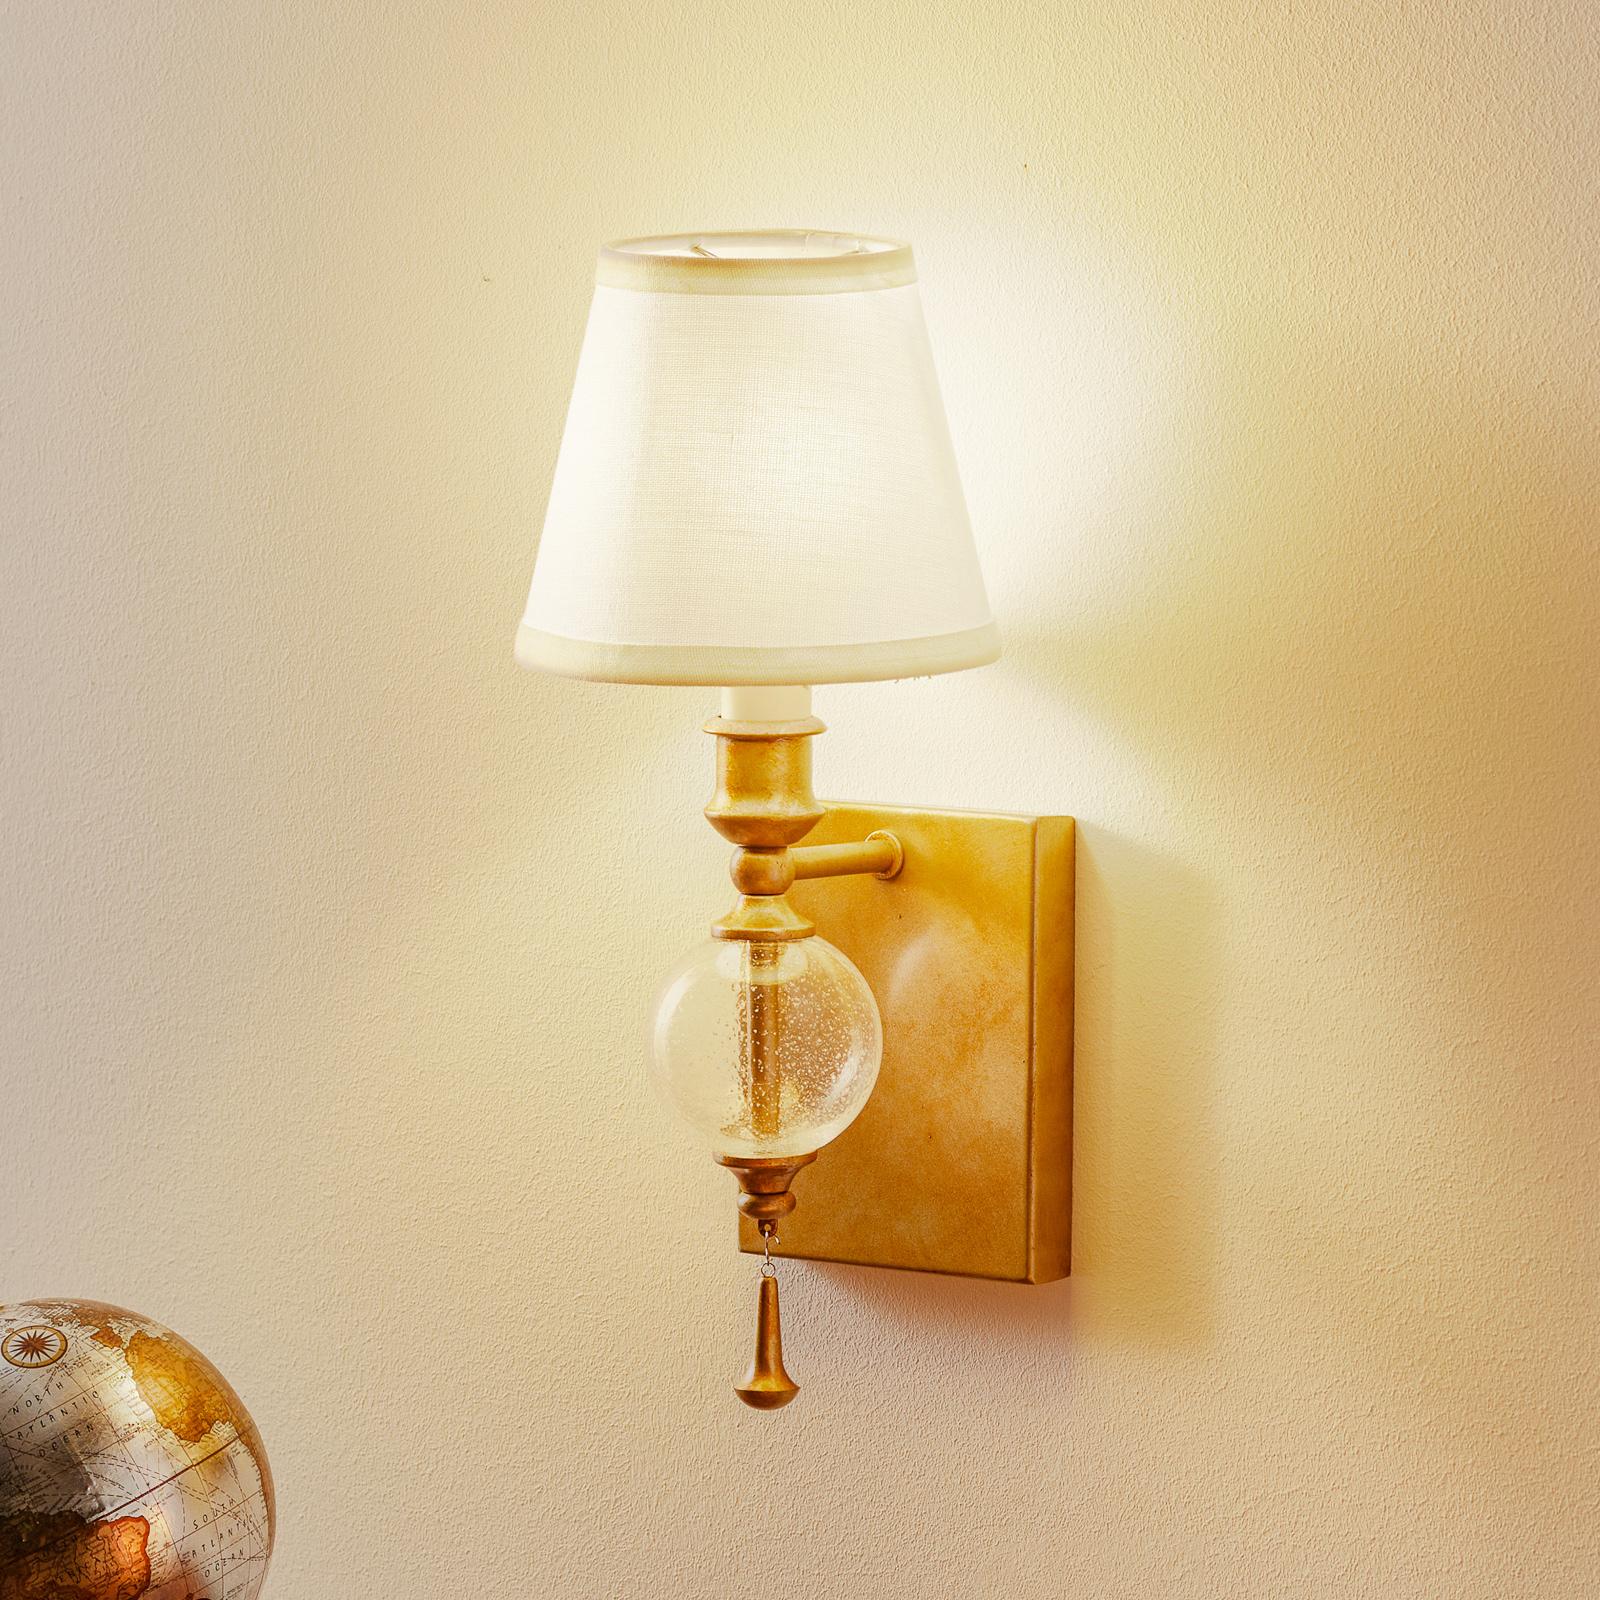 Wandlamp Argento voor mooi licht